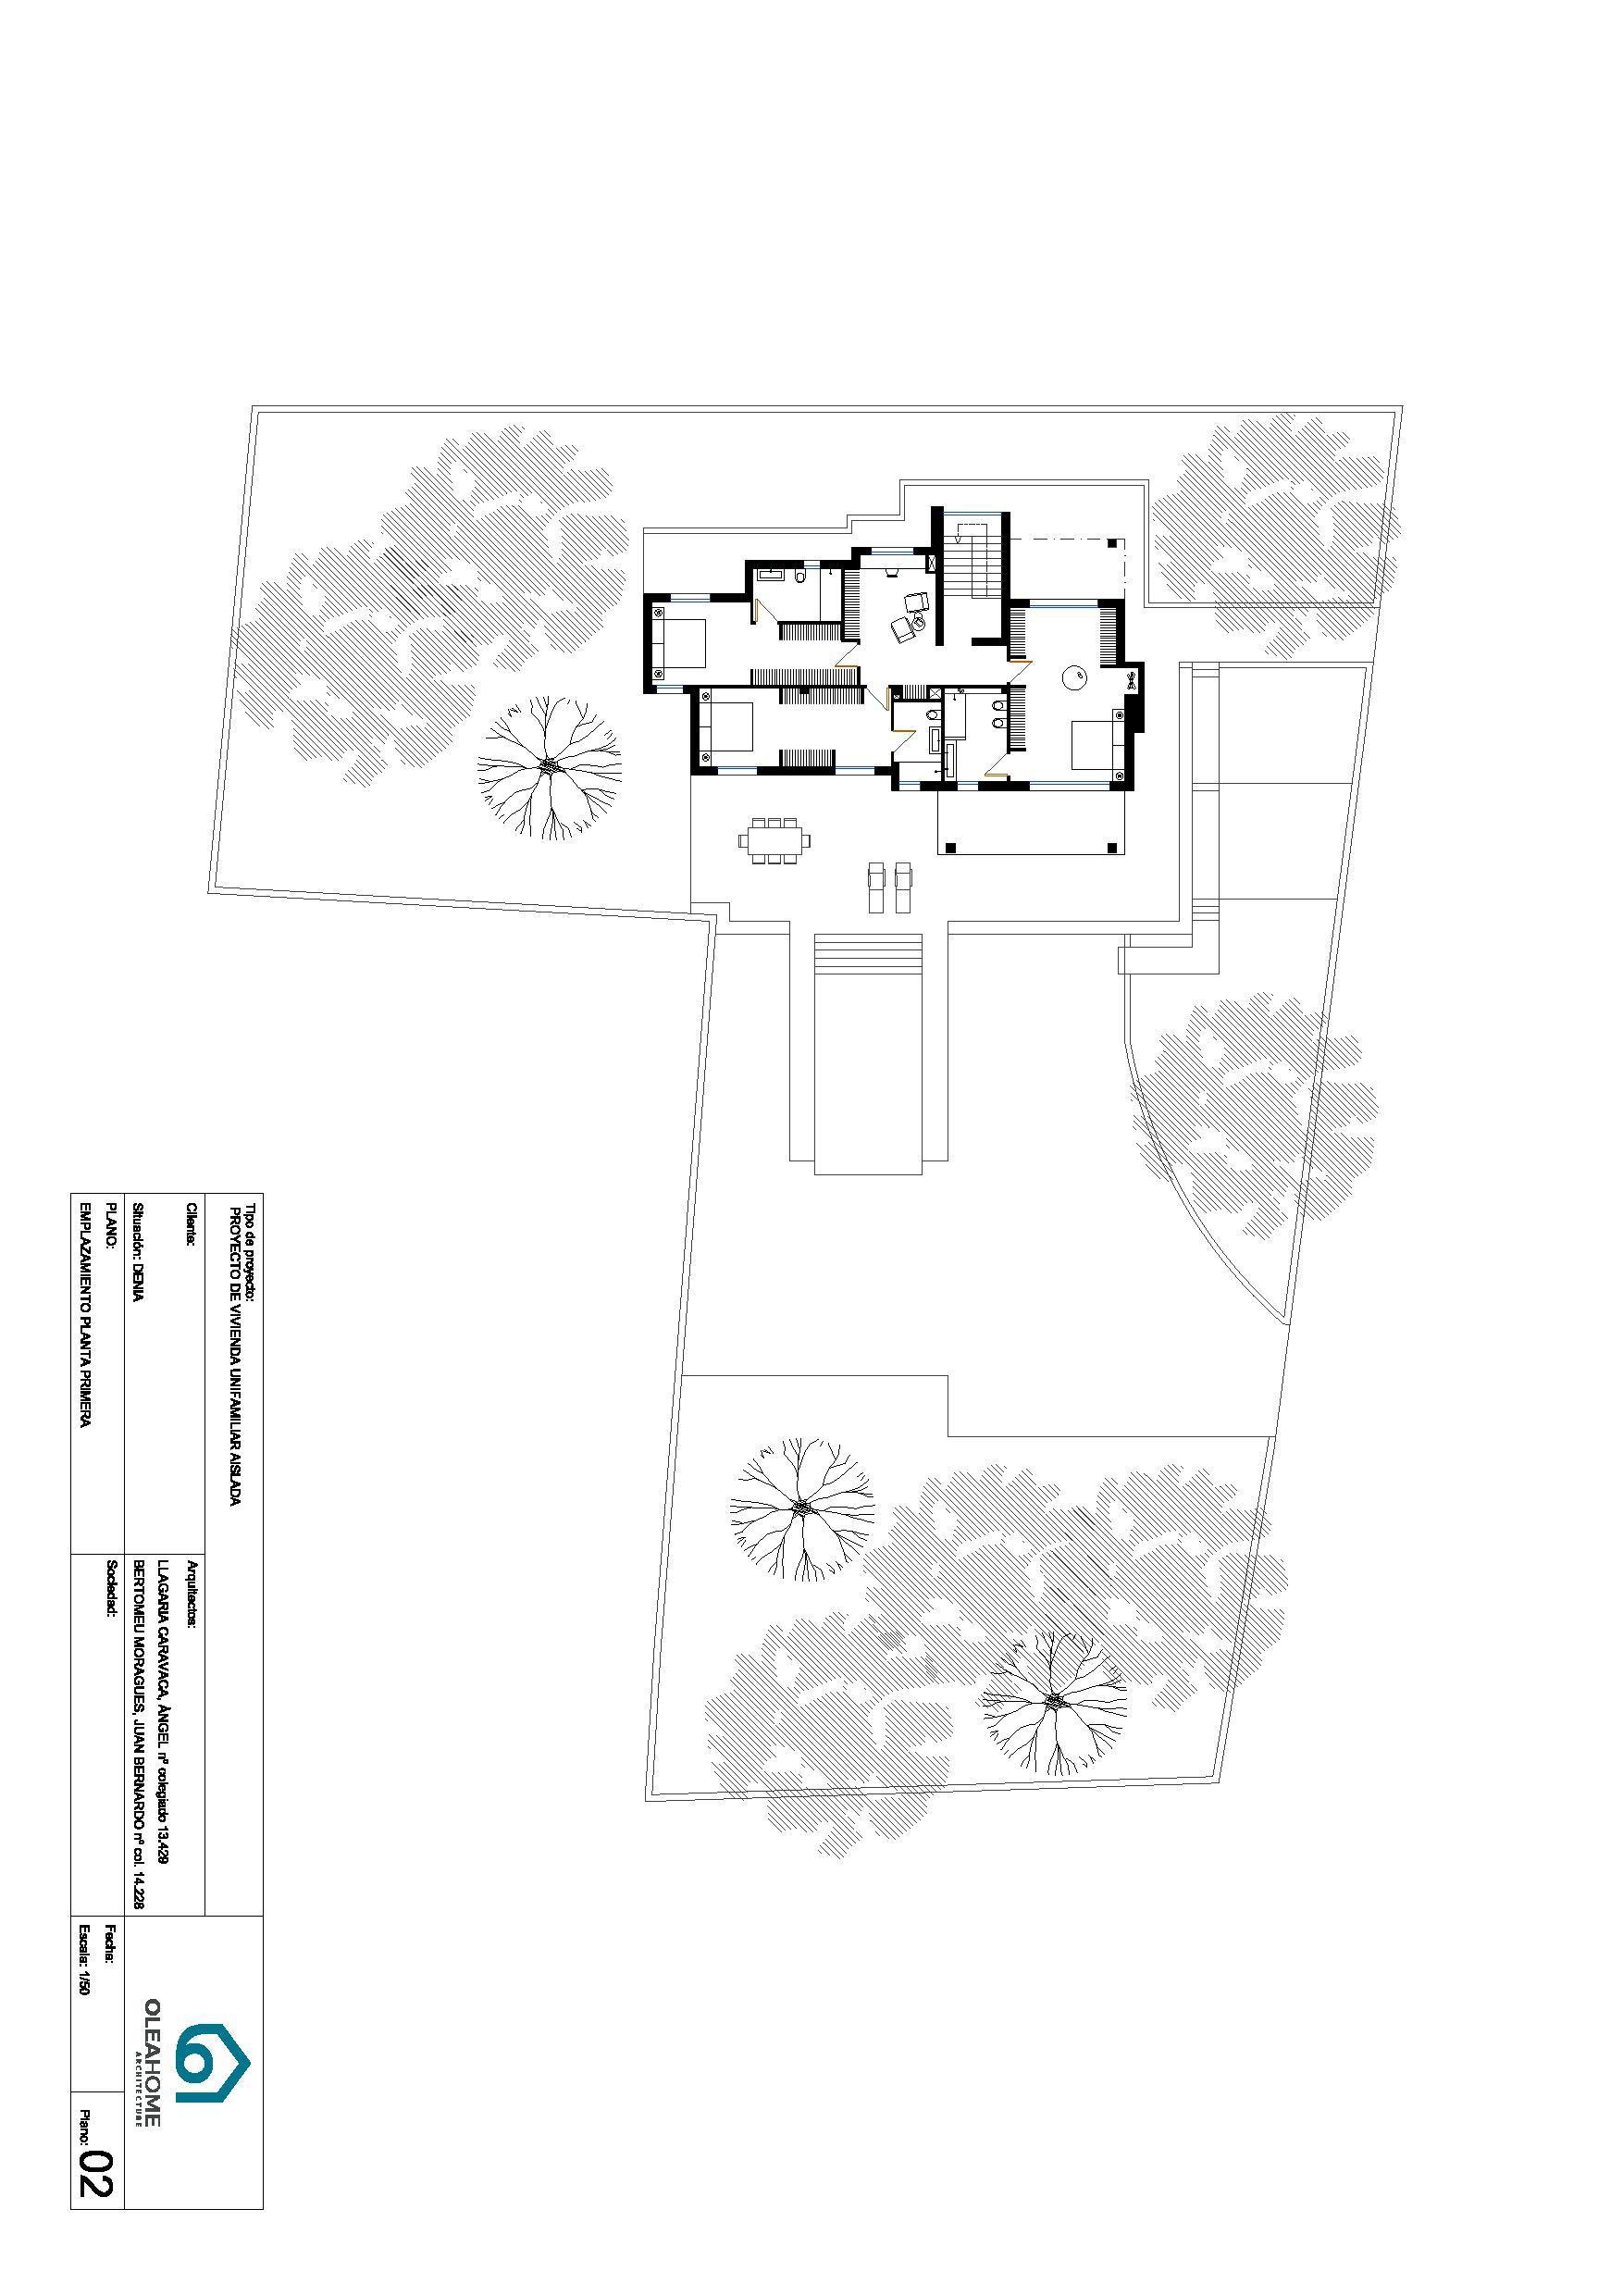 Galerie de photos - 5 - Olea-Home | Real Estate en Orba y Teulada-Moraira |